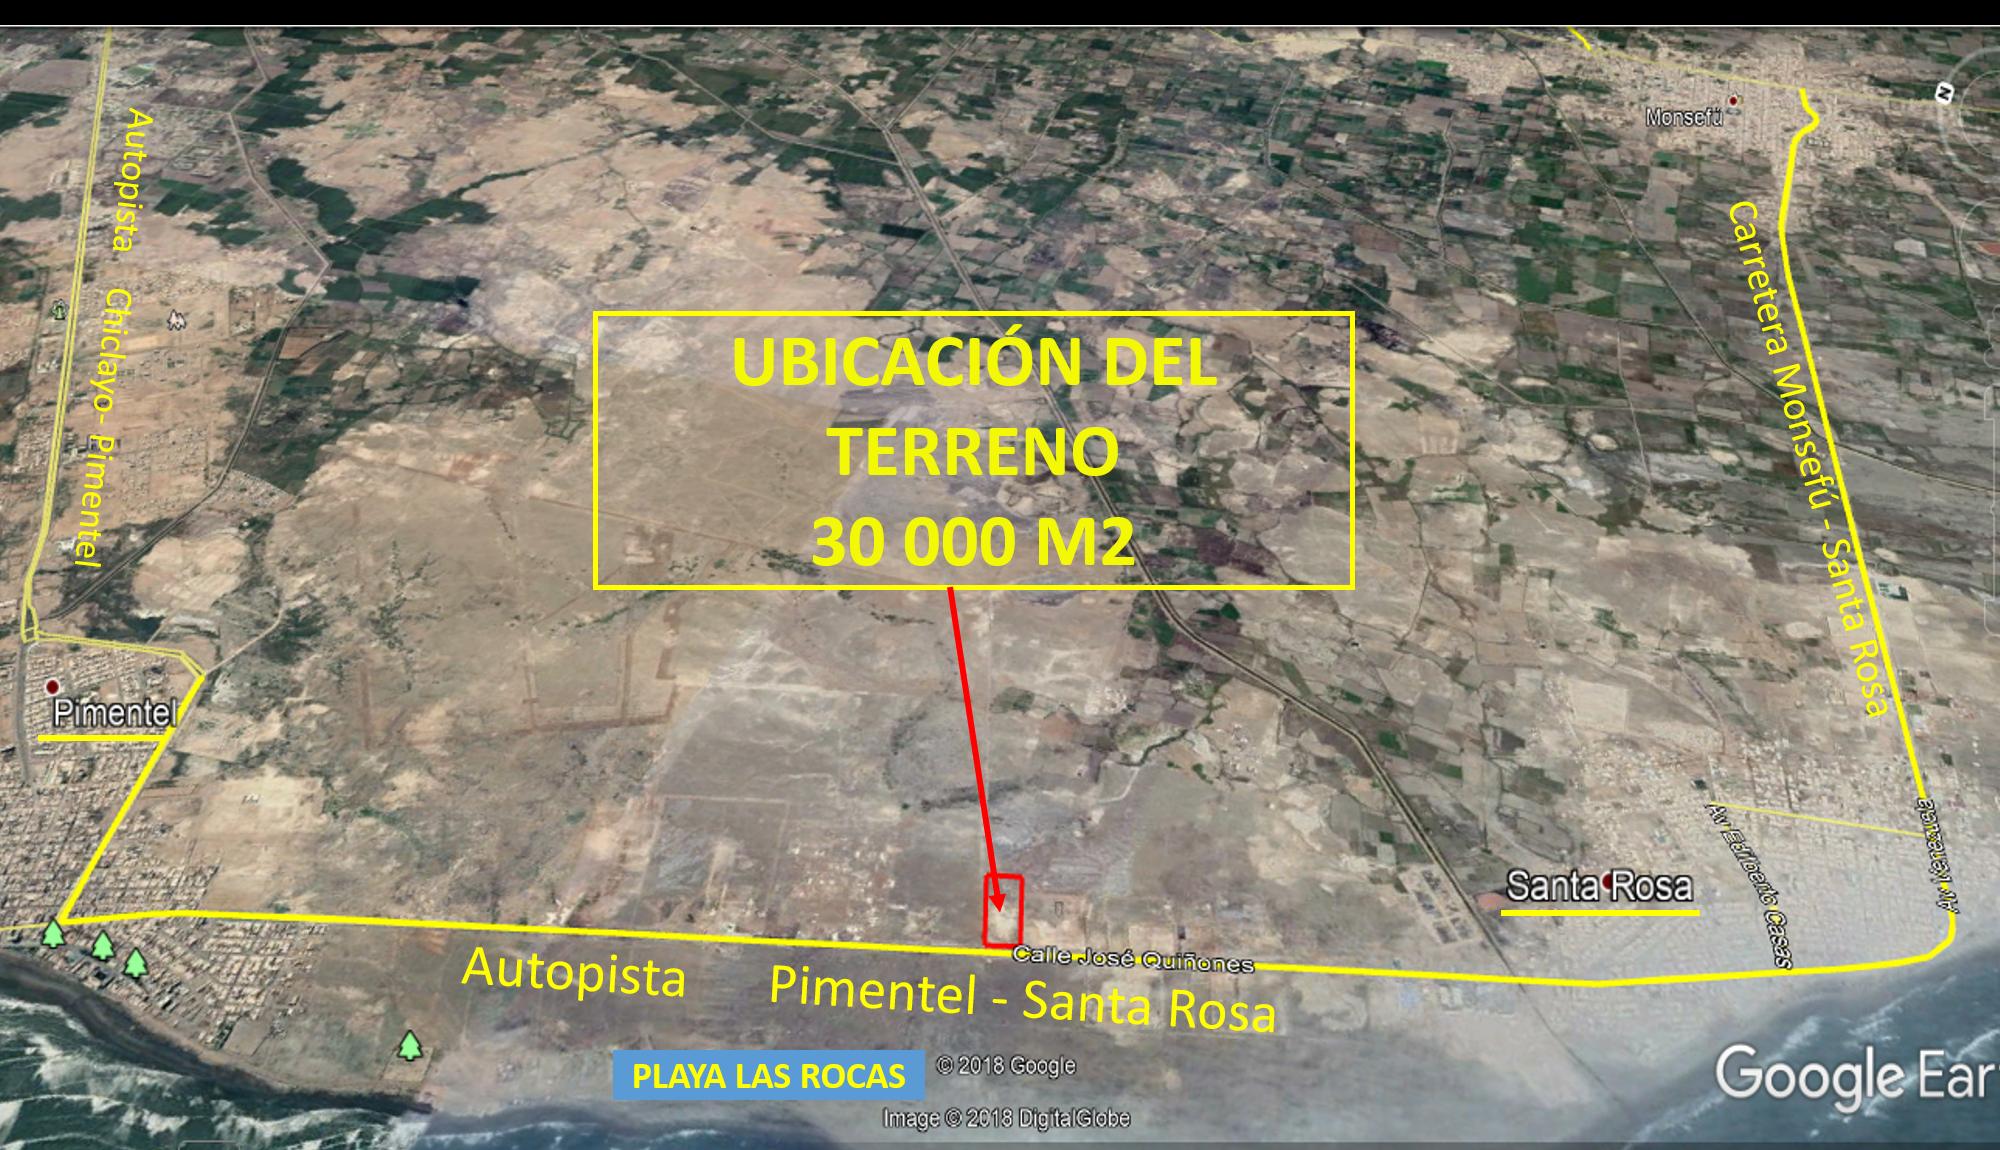 Terreno Comercial-Industrial 30,000m2 Carretera Pimentel-Santa Rosa